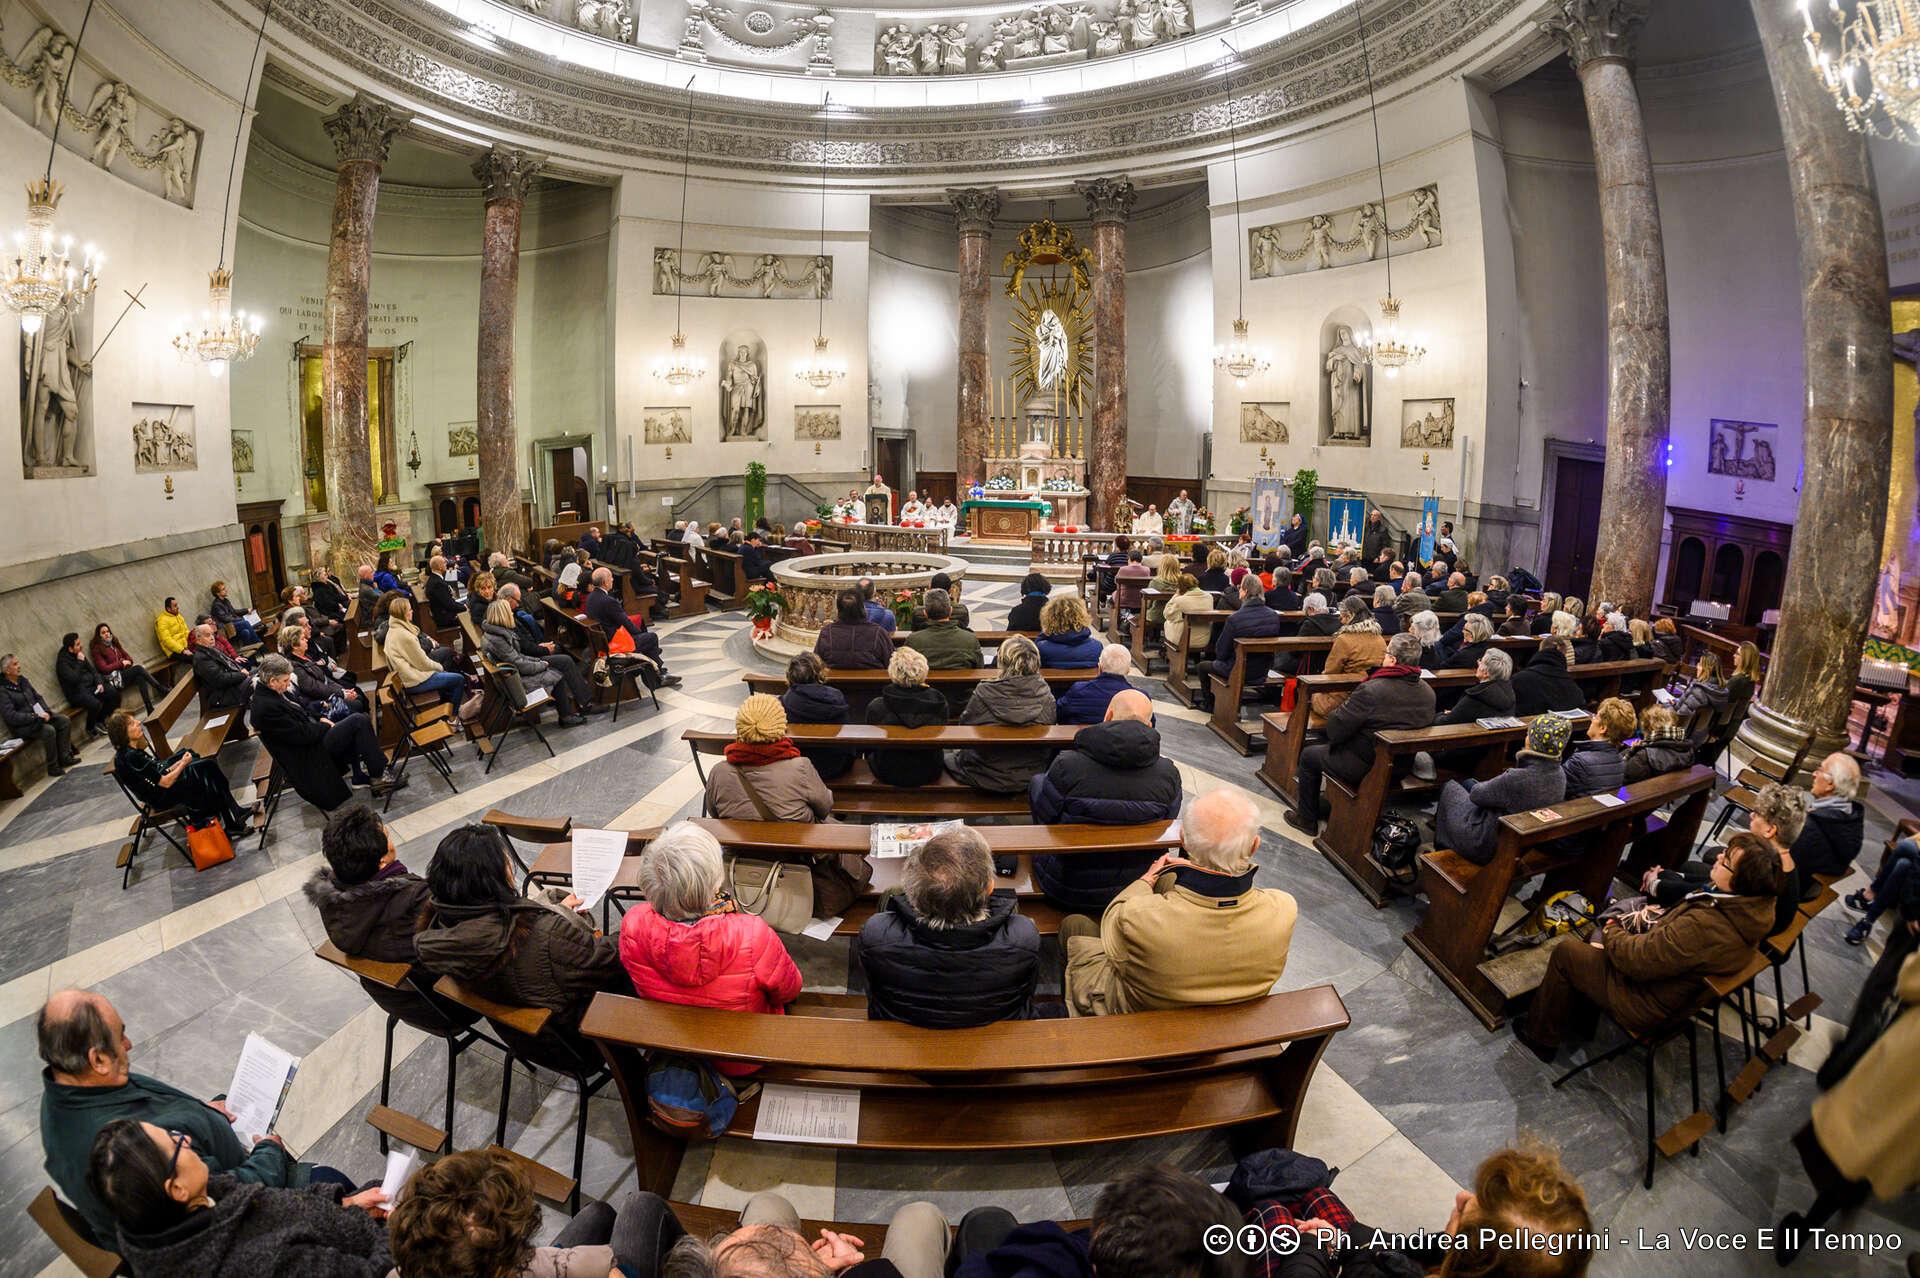 Nuove disposizioni dalla Diocesi di Torino: sospese anche tutte le Sante Messe fino al 29 febbraio